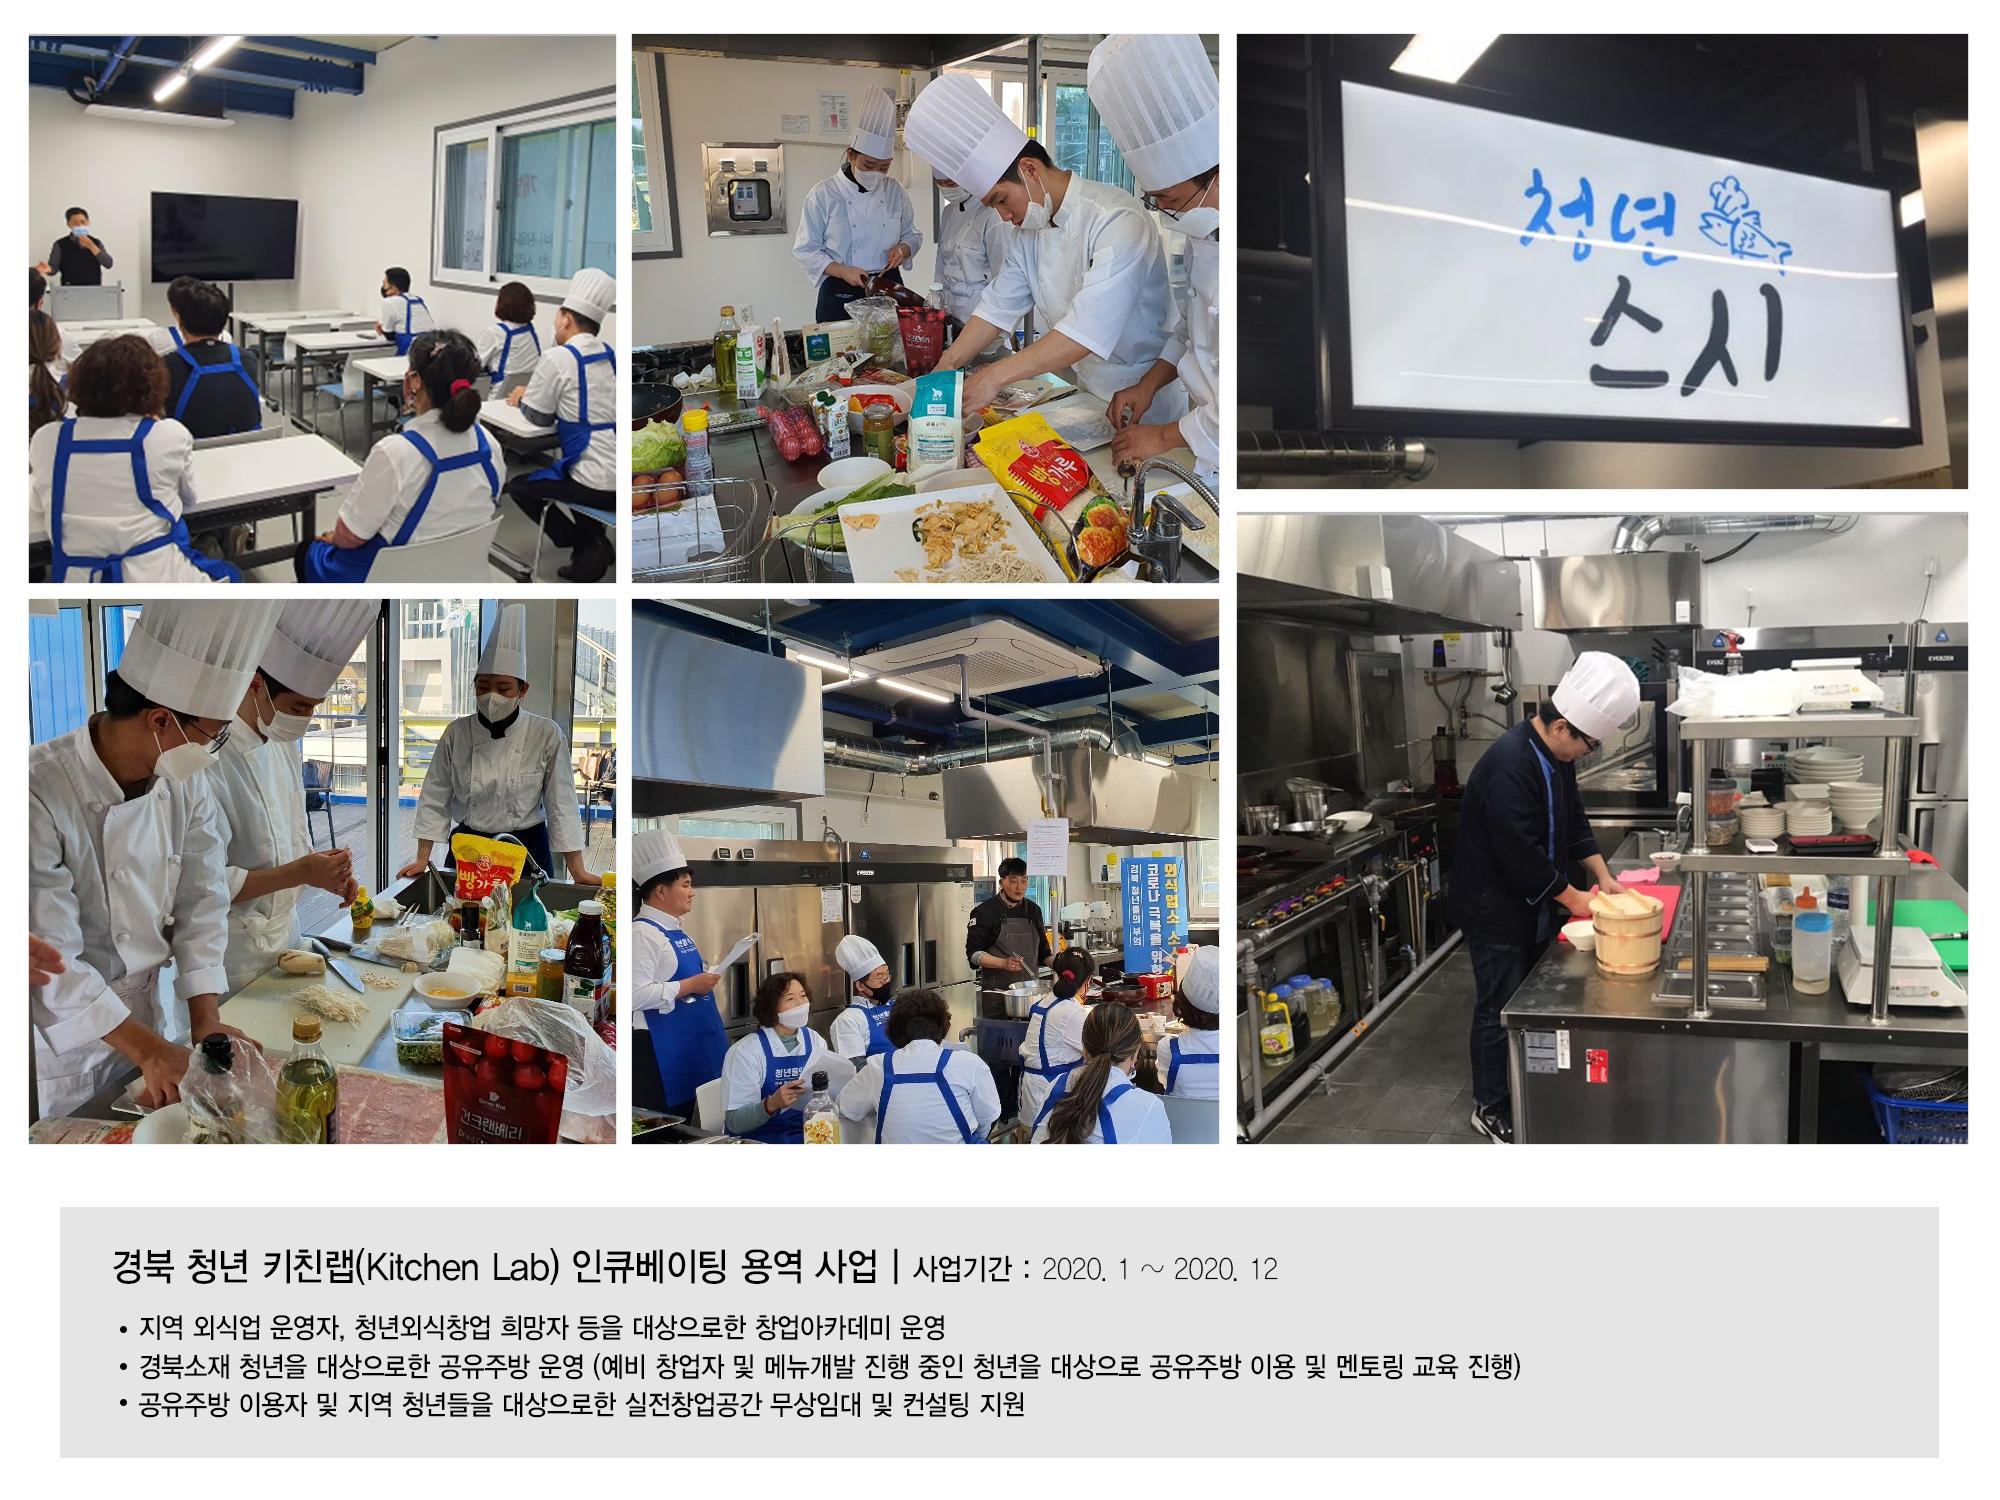 경북 청년 키친랩(Kitchen Lab)인큐베이팅 용역.jpg